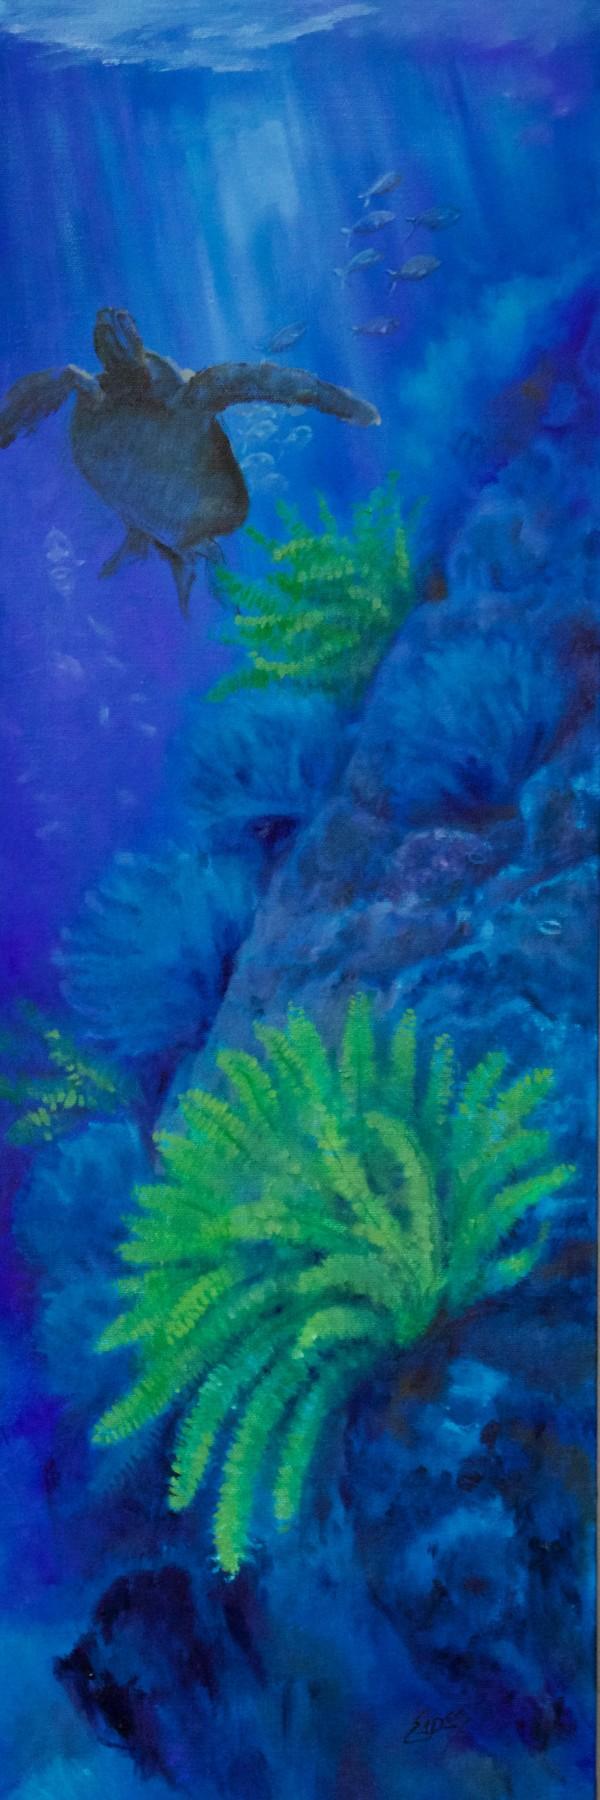 Sea Turtle and Ferns by Linda Eades Blackburn